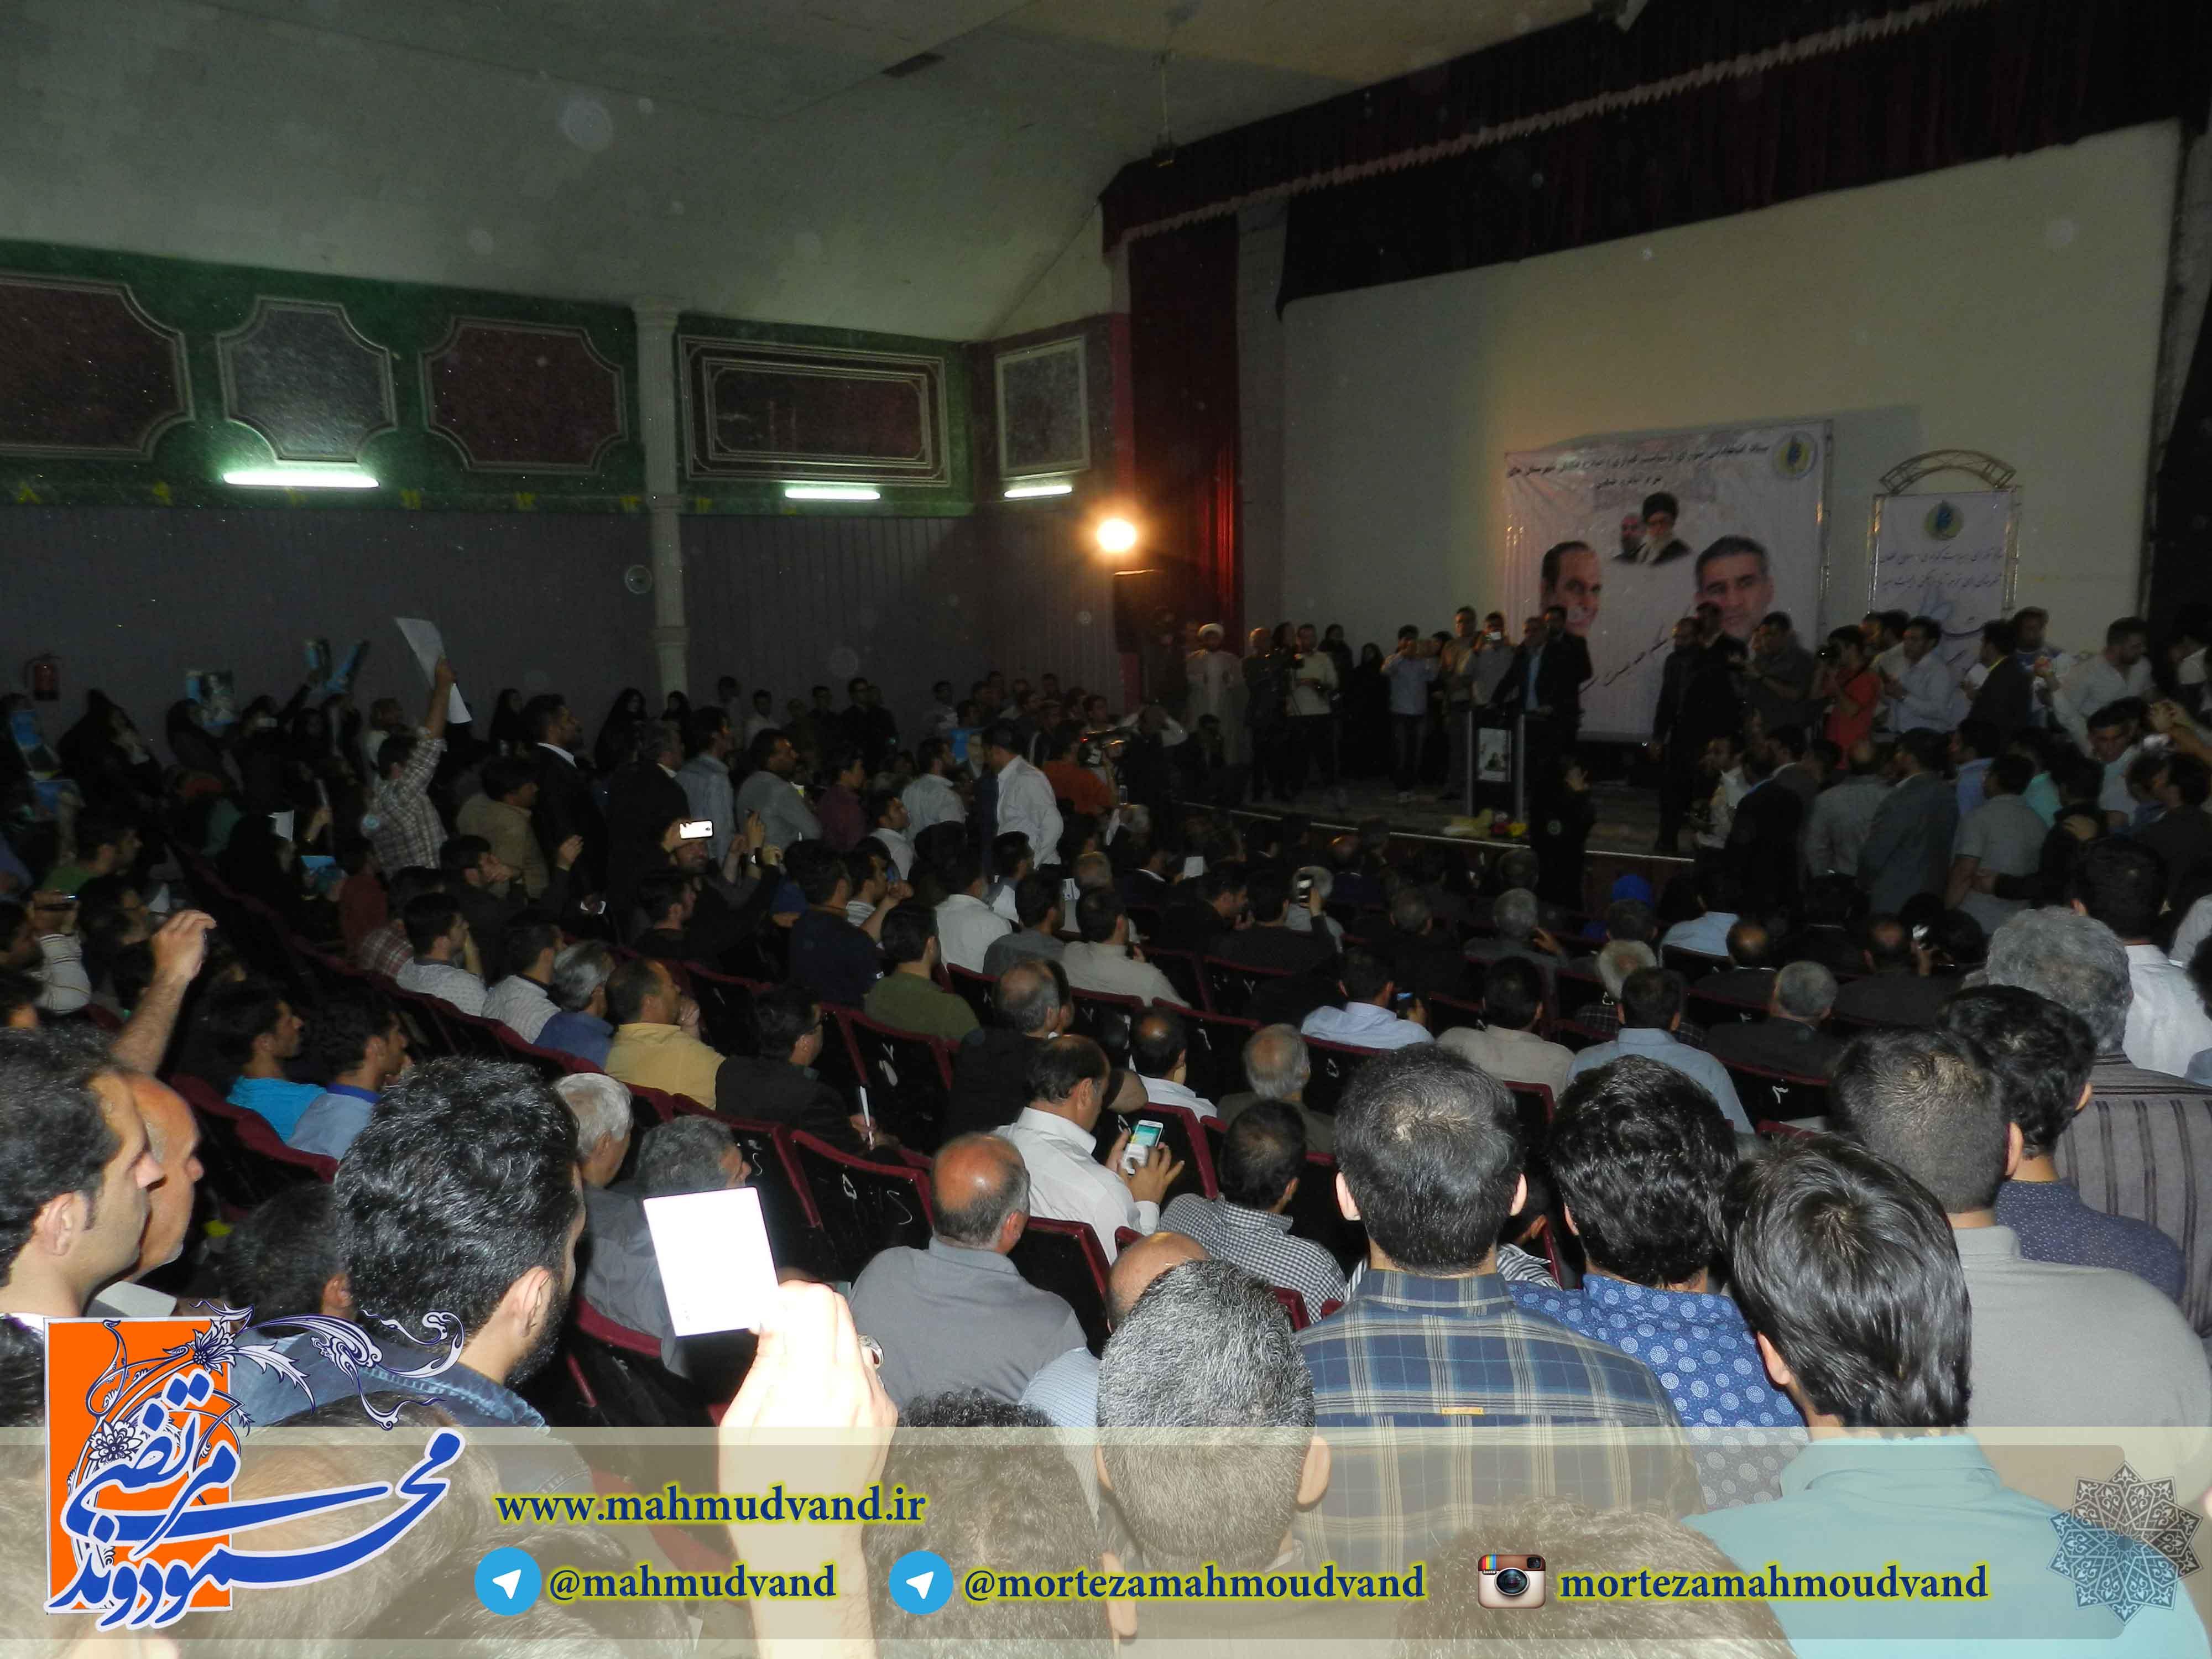 تصاویر همایش بزرگ انتخاباتی در حمایت لیست امید با حضور فائزه هاشمی